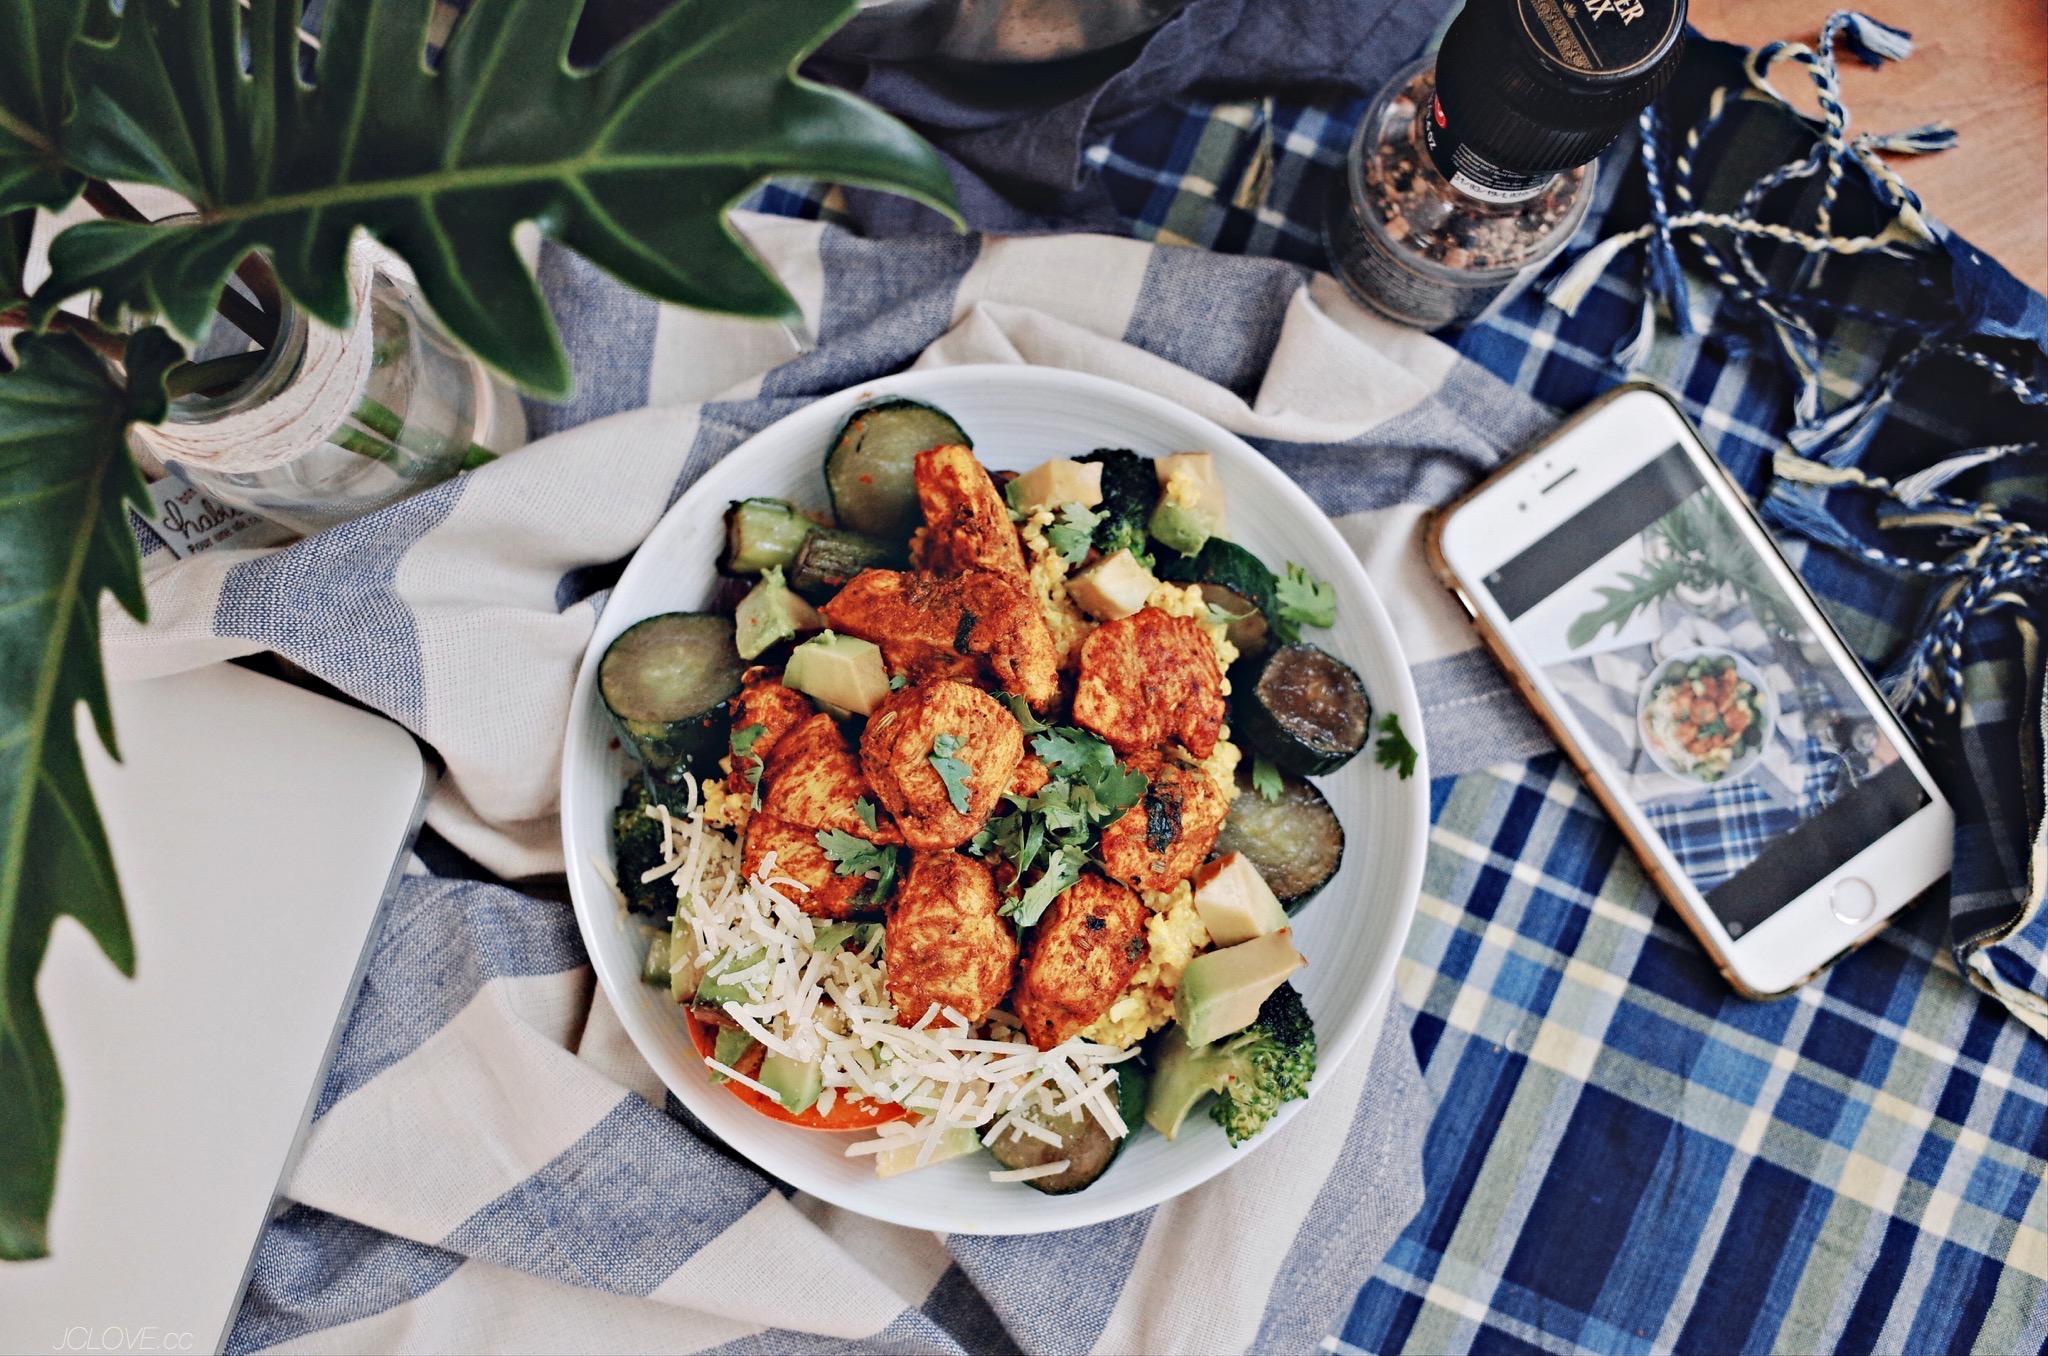 低碳午餐03 - 馬薩拉雞胸肉椰漿藜麥飯